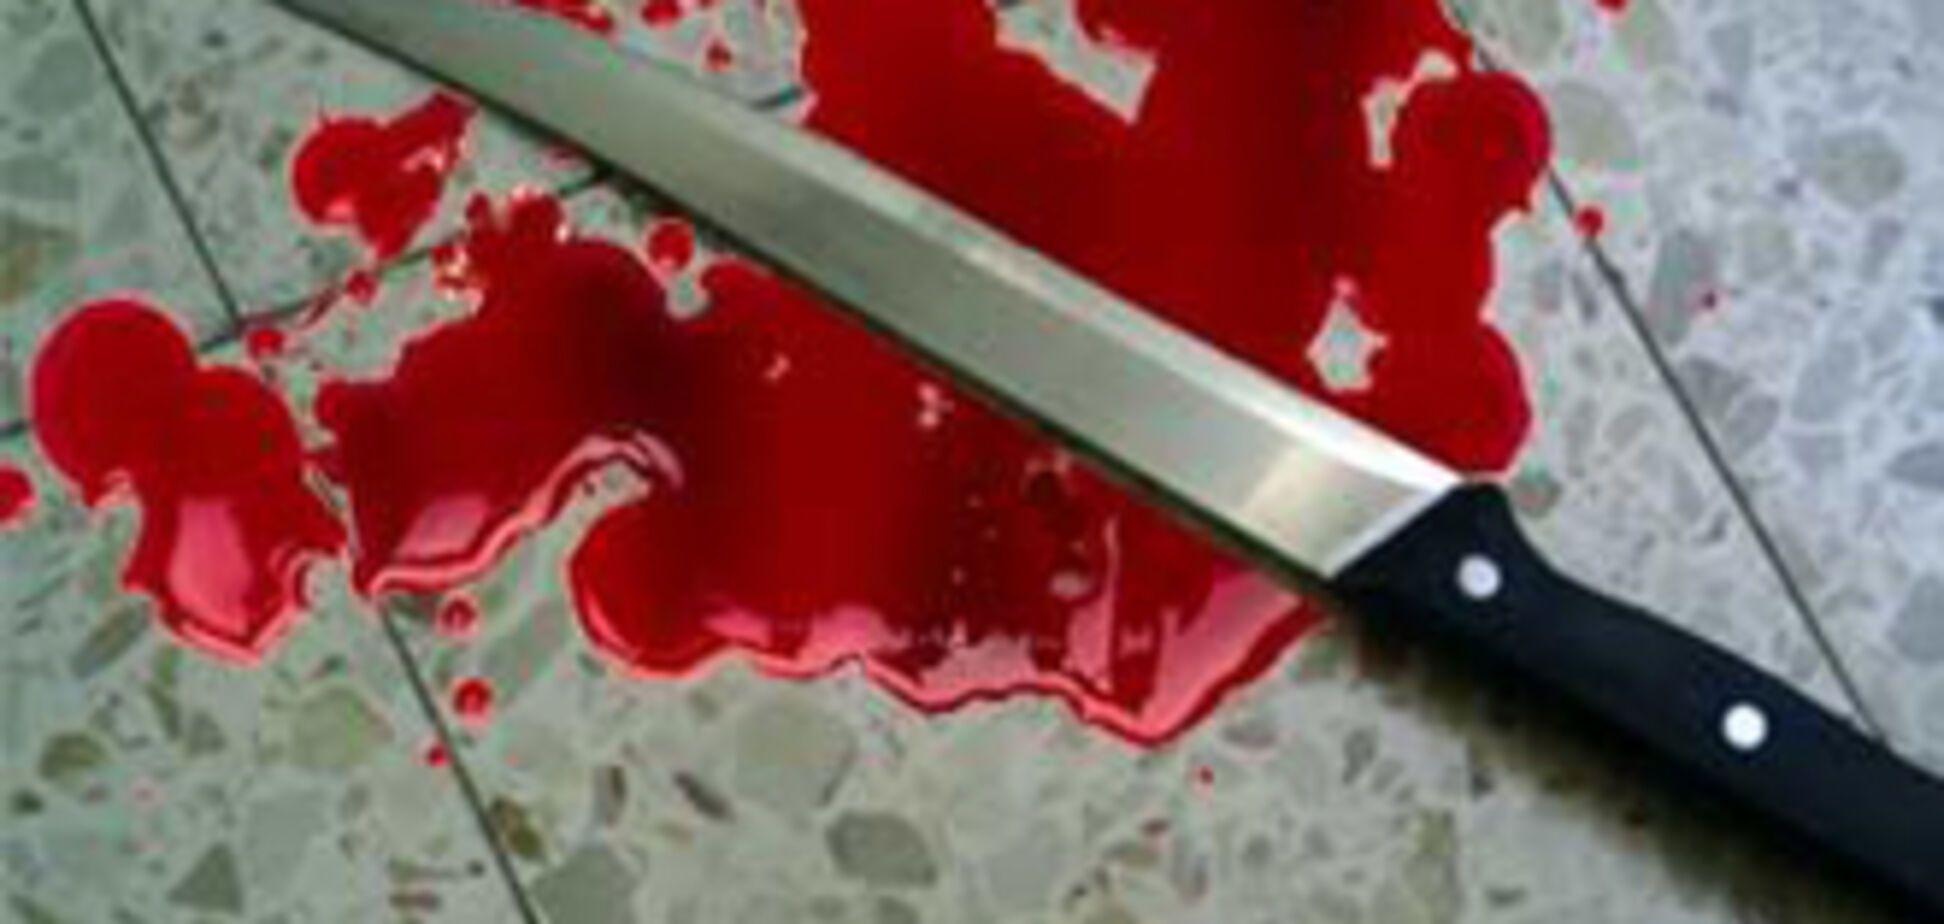 Нападение на директора школы закончилось смертью напавшего